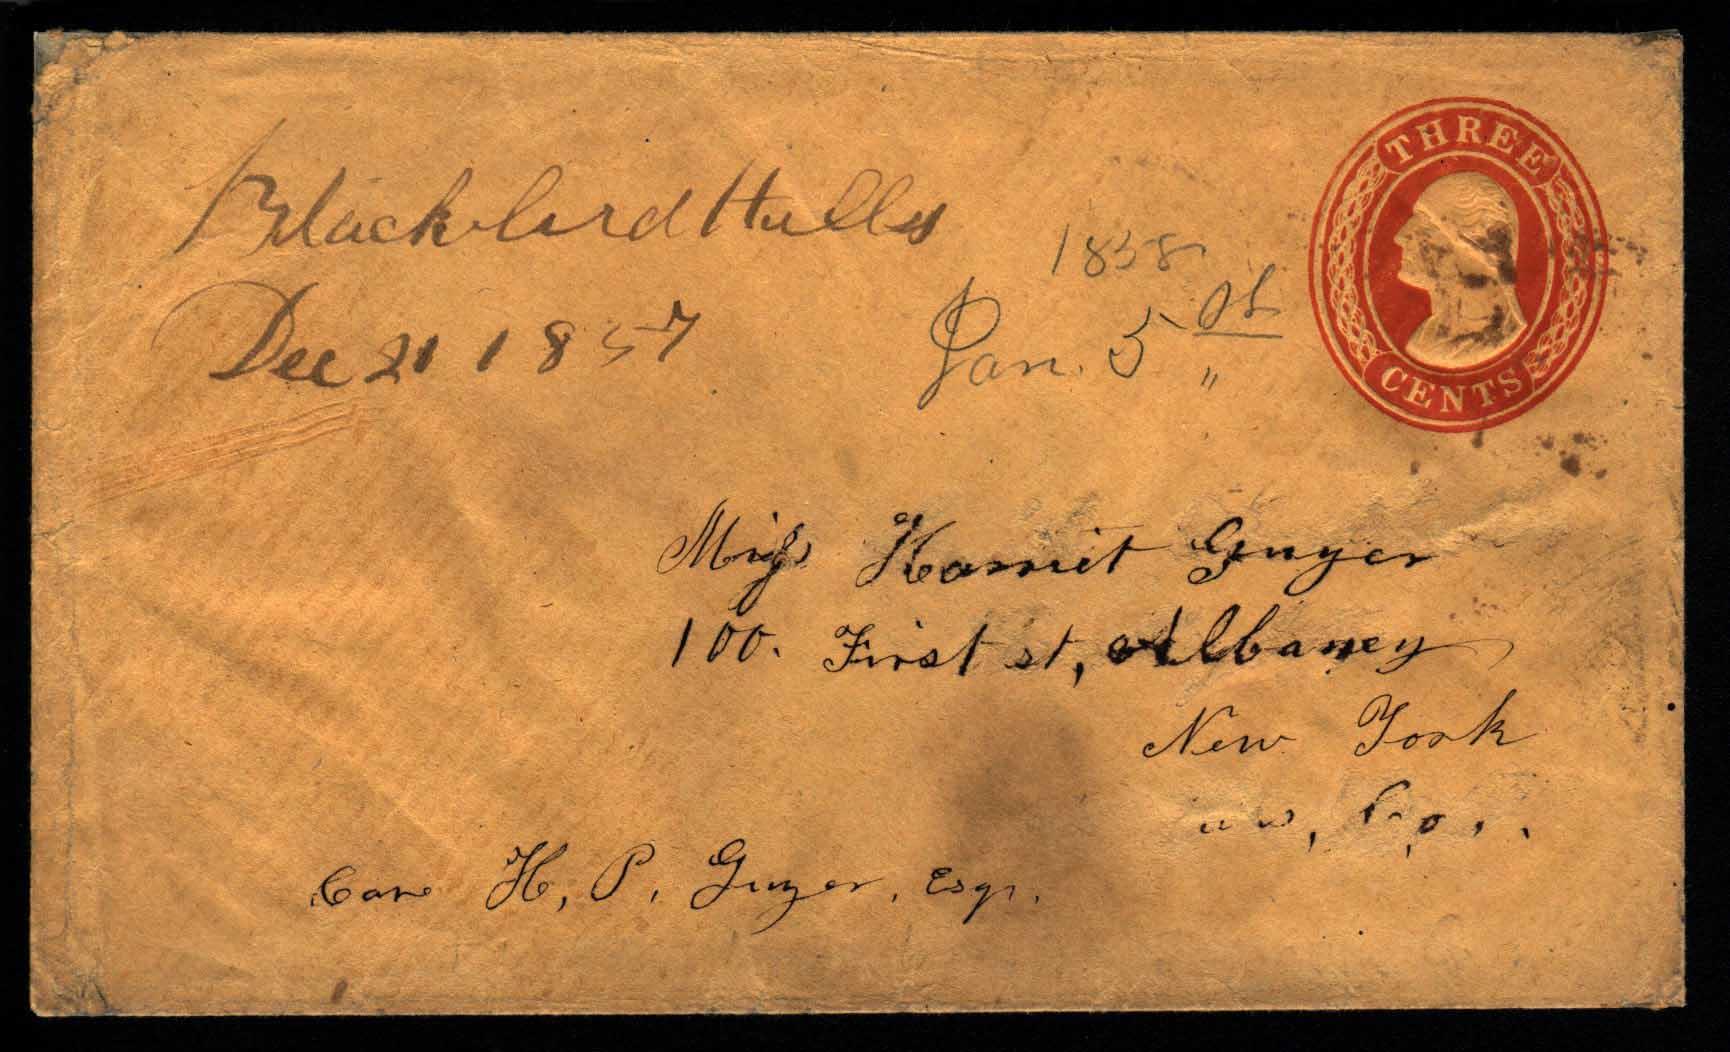 BlackbirdHills 1857 12 21